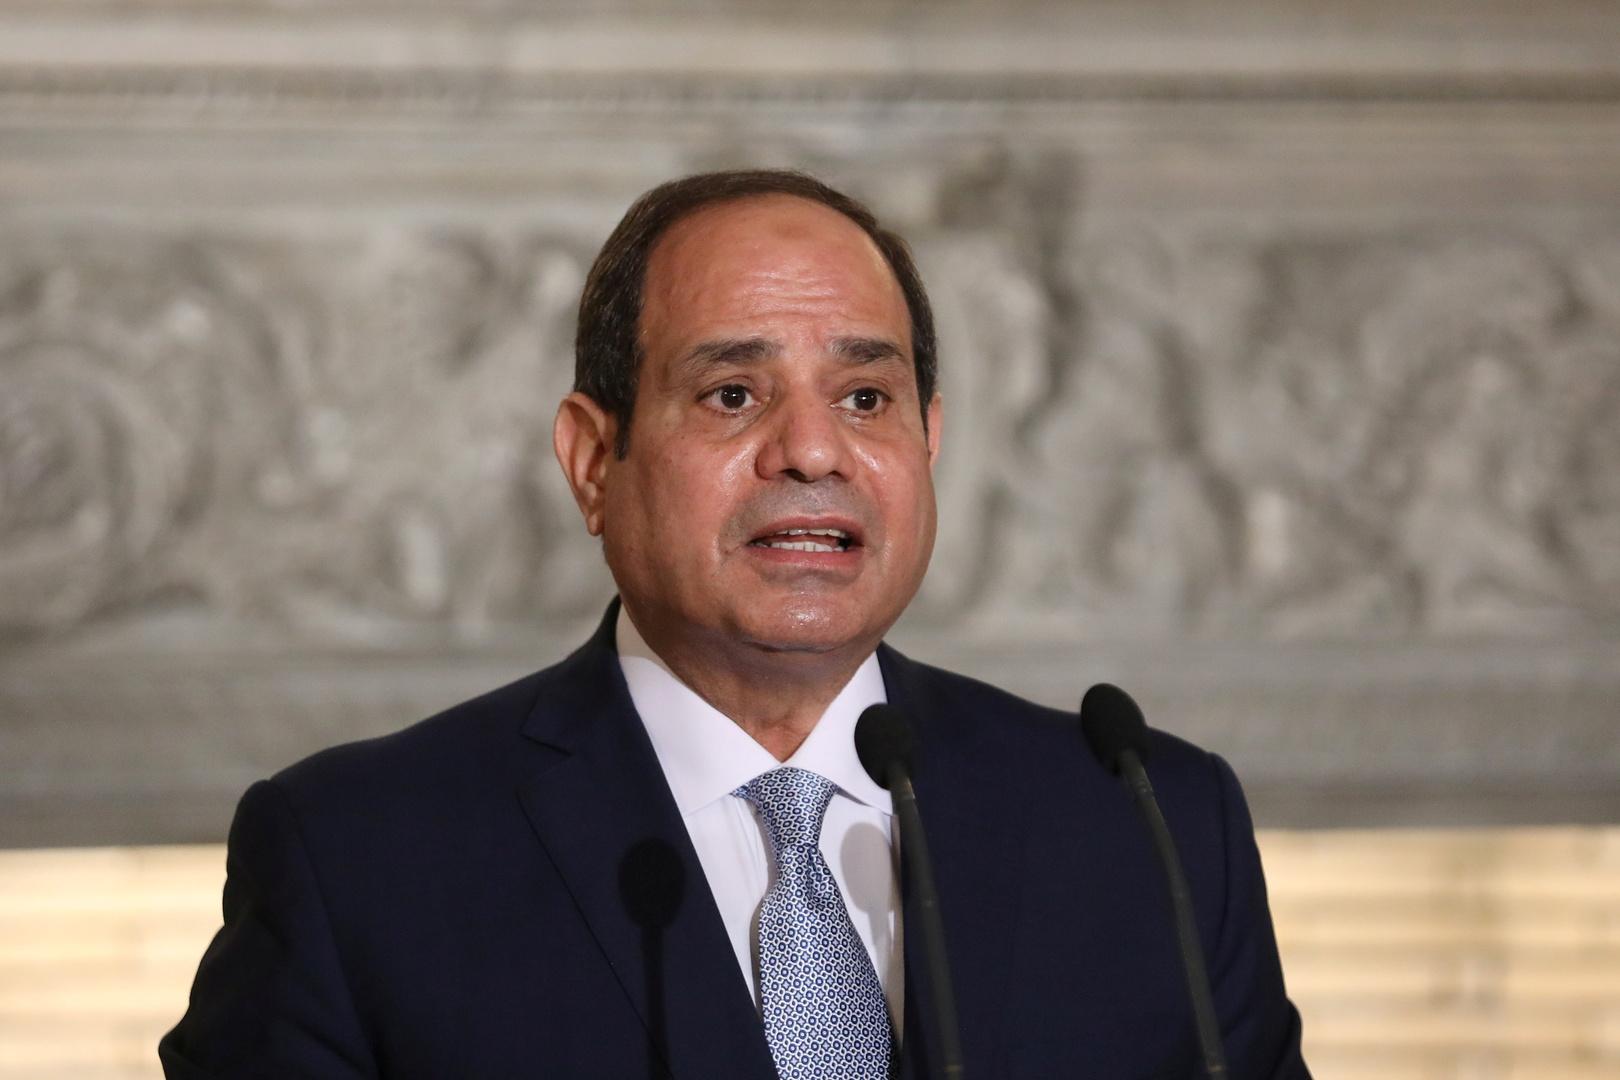 مصر تجدد التأكيد على أهمية التوصل لاتفاق قانوني ملزم لتشغيل وملء سد النهضة